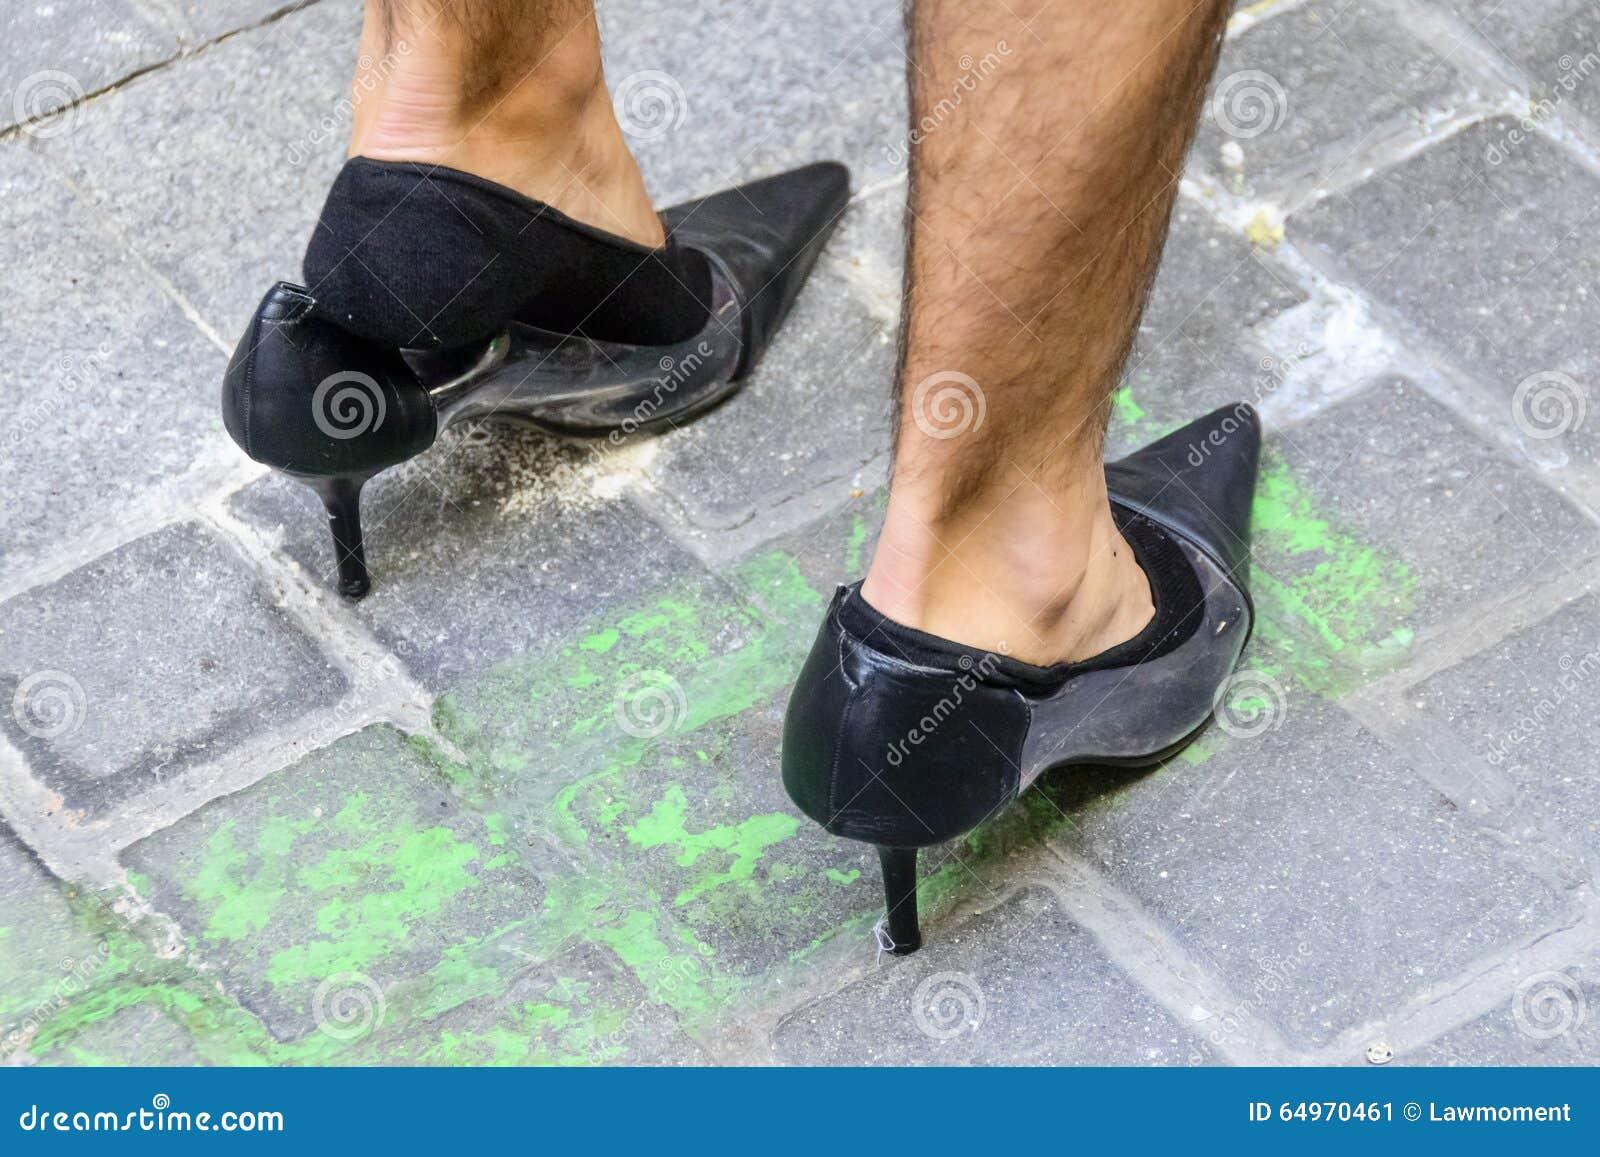 Scarpe Tacchi Alti Uomo